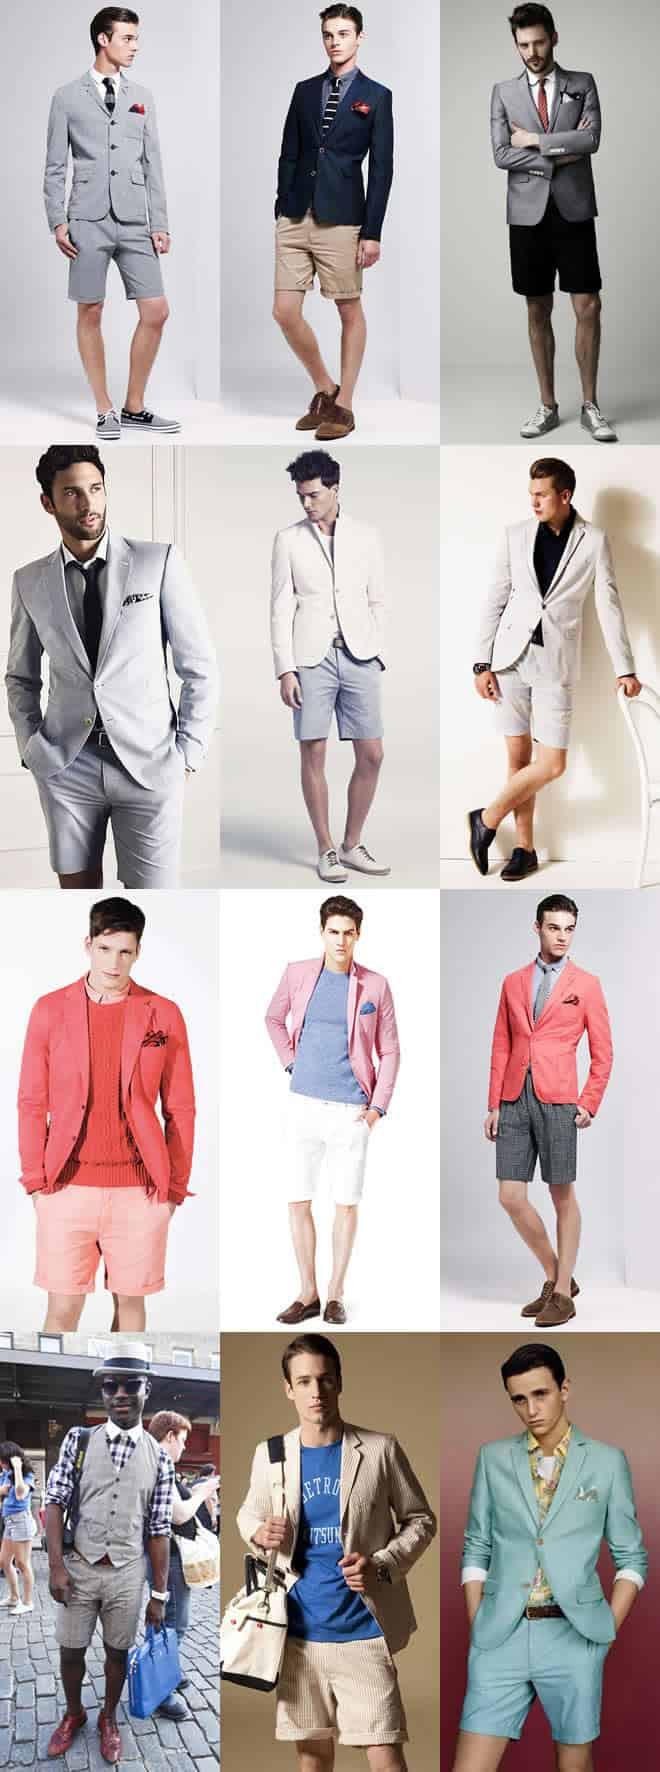 Men's Short Suit Lookbook